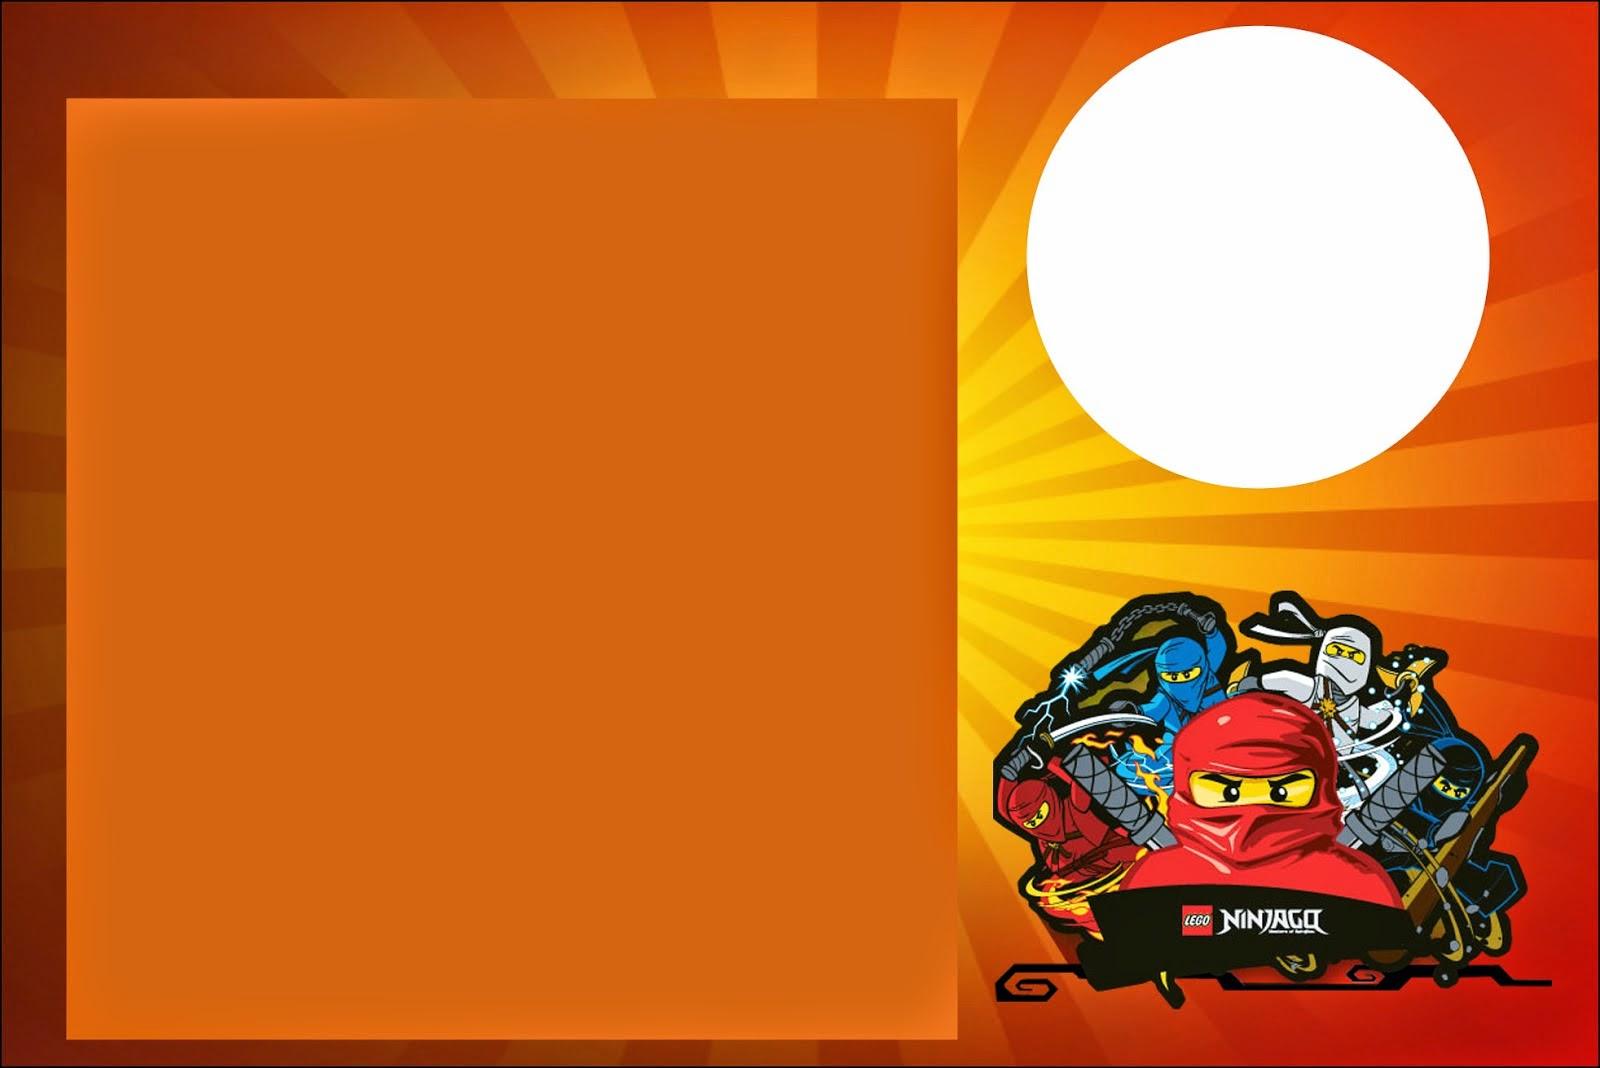 Ninjago: invitaciones, tarjetas y marcos para imprimir gratis. | Oh My Fiesta! Friki